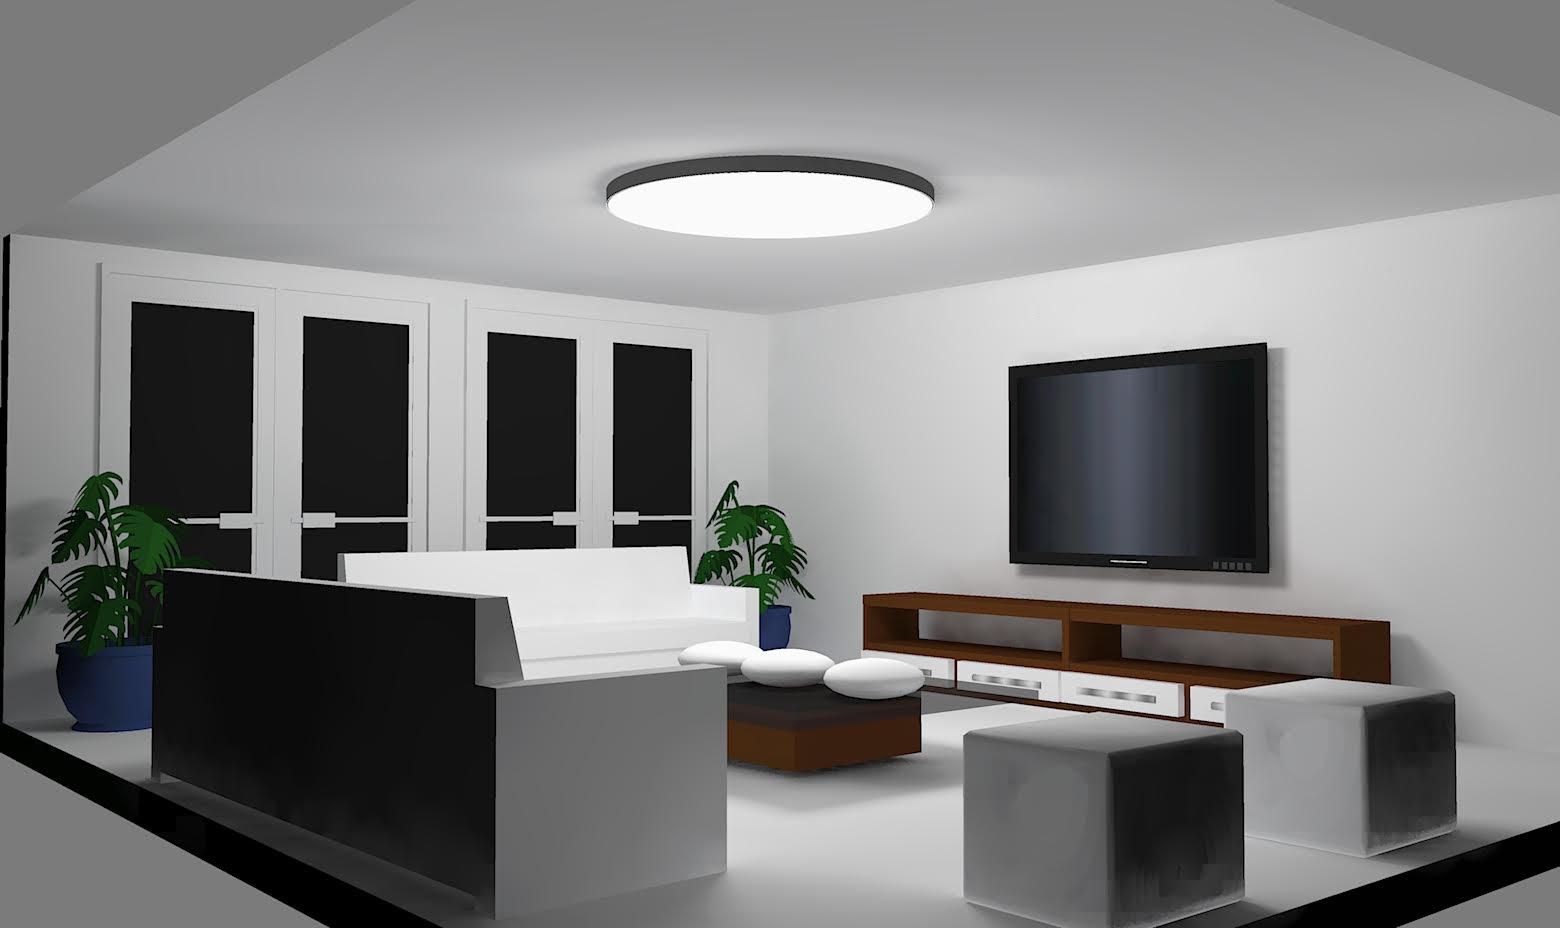 Nemáte tip?  Hledáme kruhové svítidlo o průměru 1m (jako hlavní osvětlení místnosti, bude doplněno ještě dalšími RGB led pásky v místnosti). Ideálně pro LED pásky Loxone = stmívatelné, RGB, bez zdroje. Elektřinu budeme mít rozvedenou Loxone tree kabelem (https://shop.loxone.com/cscz/tree-kabel.html?__...) - 24 V, takže nechceme platit zbytečně za zdroj. Zatím mám 3 nabídky, ale všechno od 20 000 a výš... :( (barisol, upravené svítidlo RENY) - Obrázek č. 1